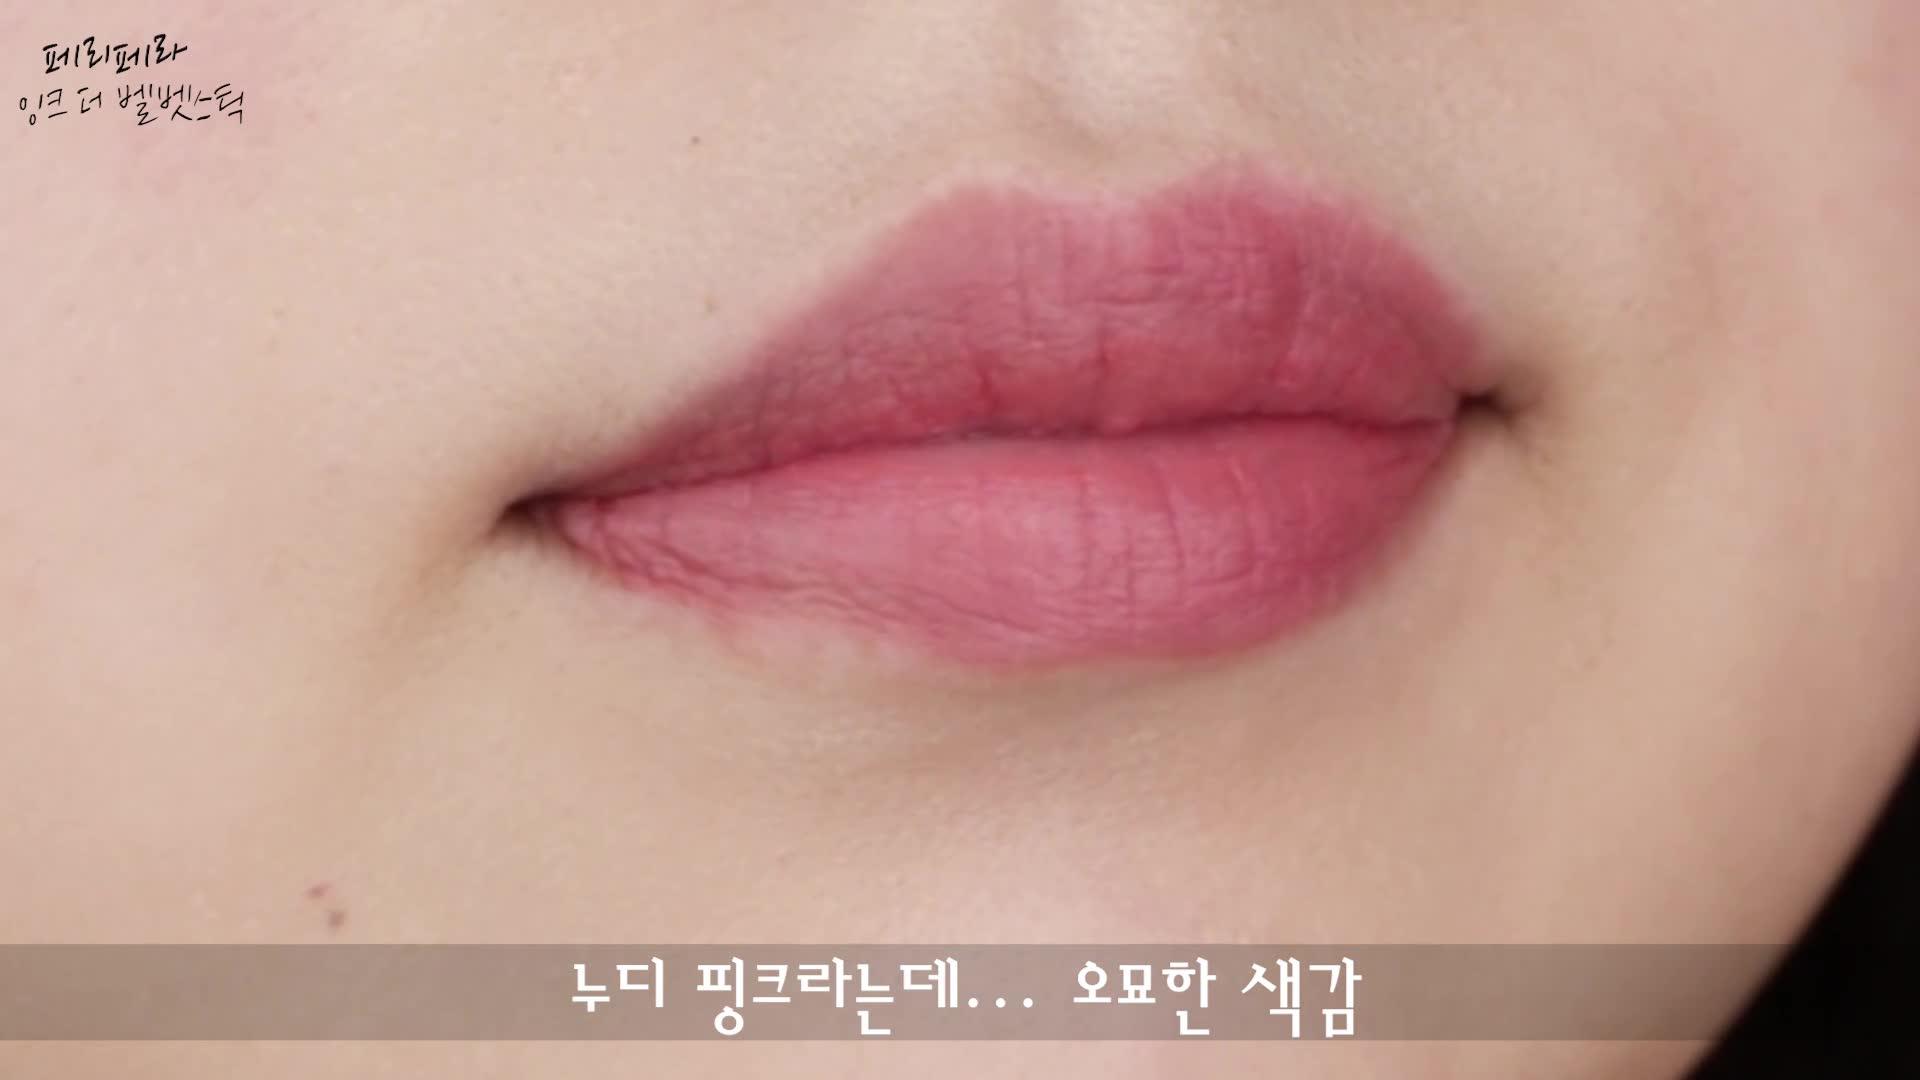 [1분팁] 귀염뽀짝 페리페라 잉크 더 벨벳 스틱 전색상 발색